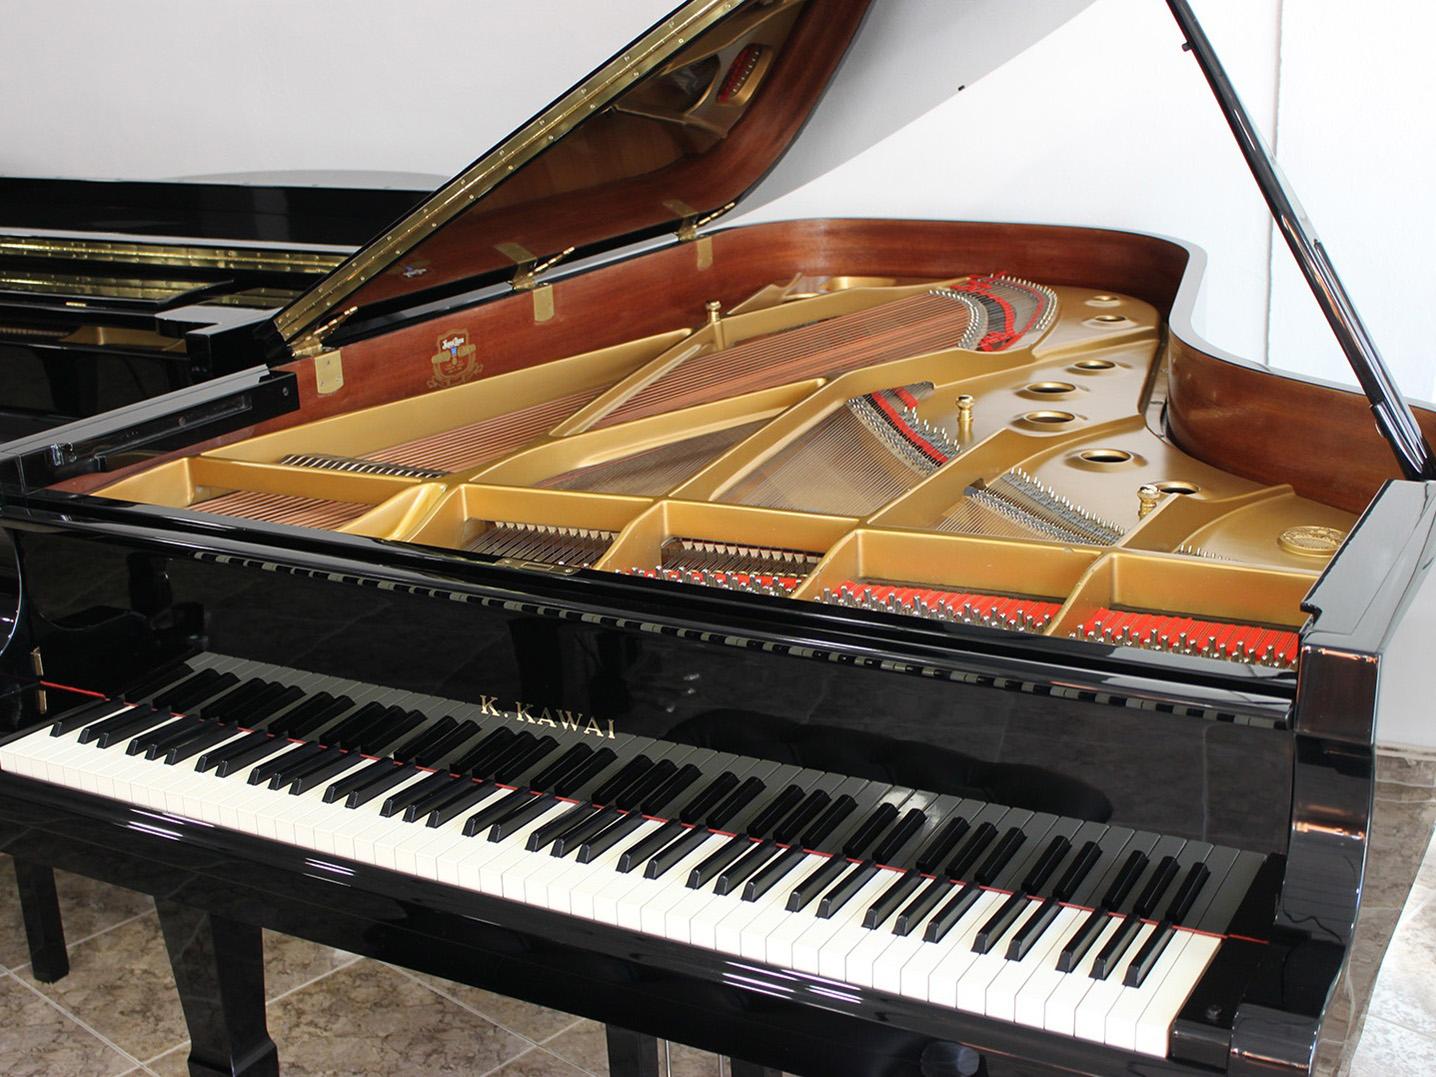 Llegada de pianos de cola, media cola y gran cola, segunda mano y nuevos Yamaha y Kawai.